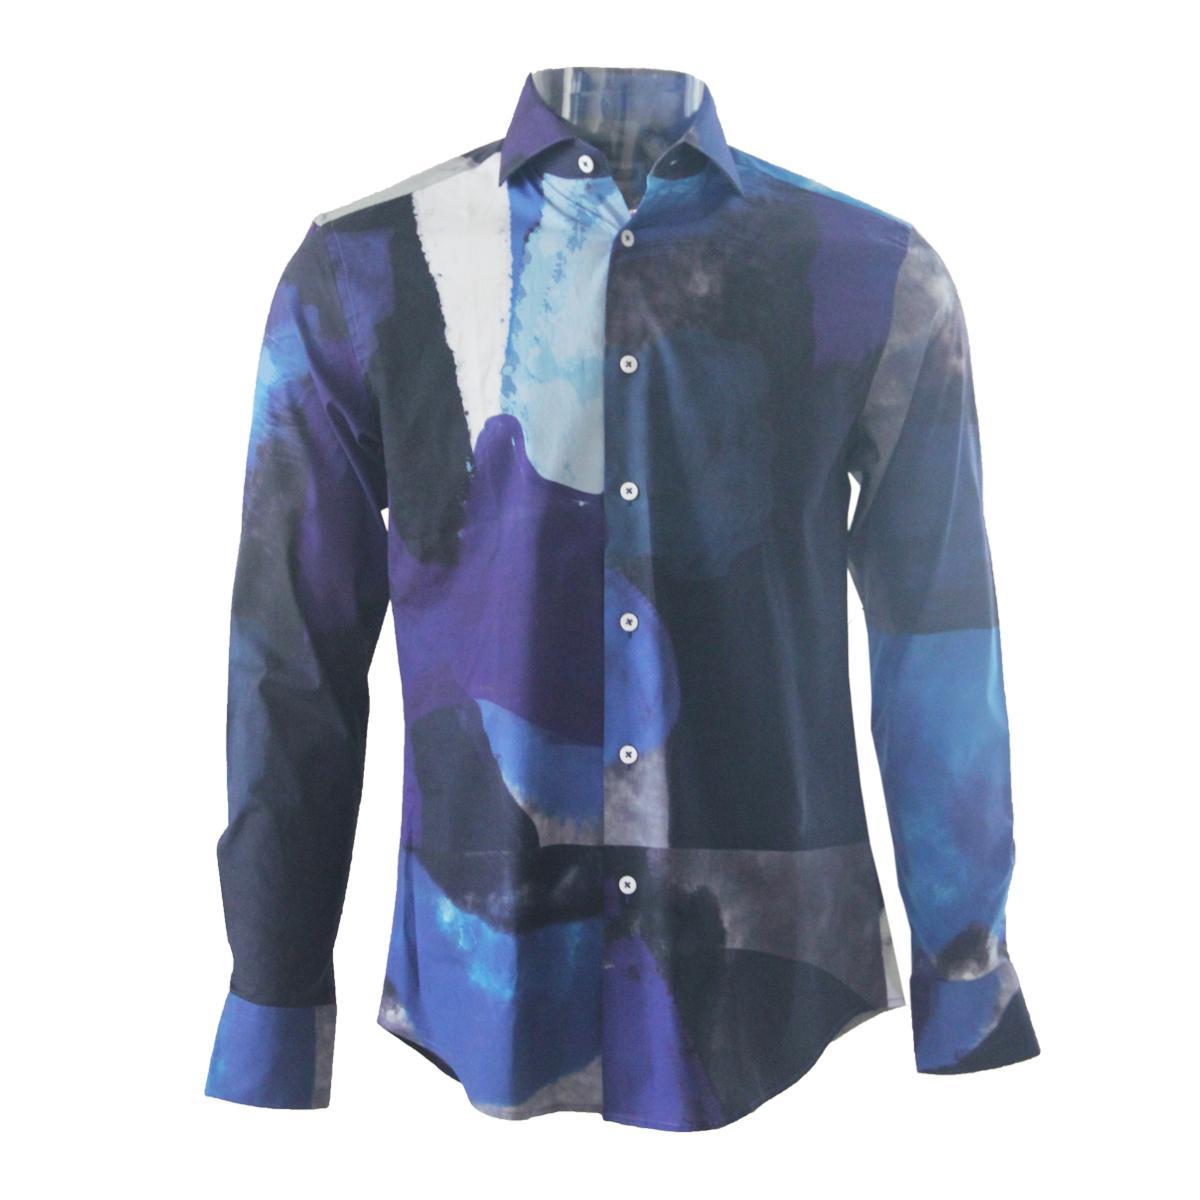 Высокое качество Премиум качества Органические Поплин Хлопок для Мужских Рубашек